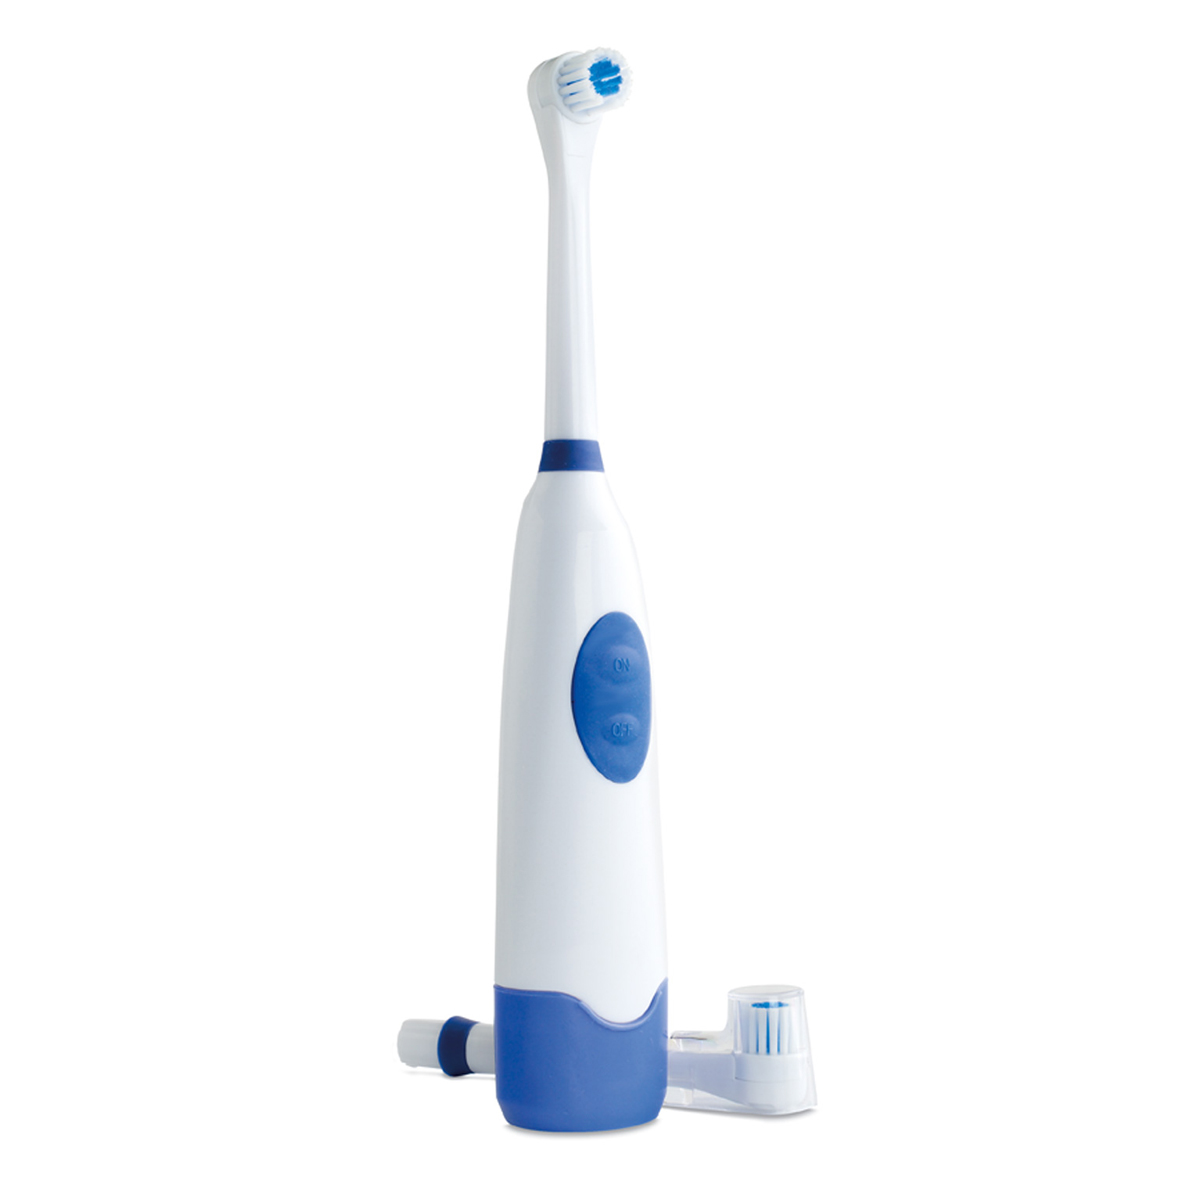 Cepillo de dientes el ctrico - Cepillos electricos de carpintero ...